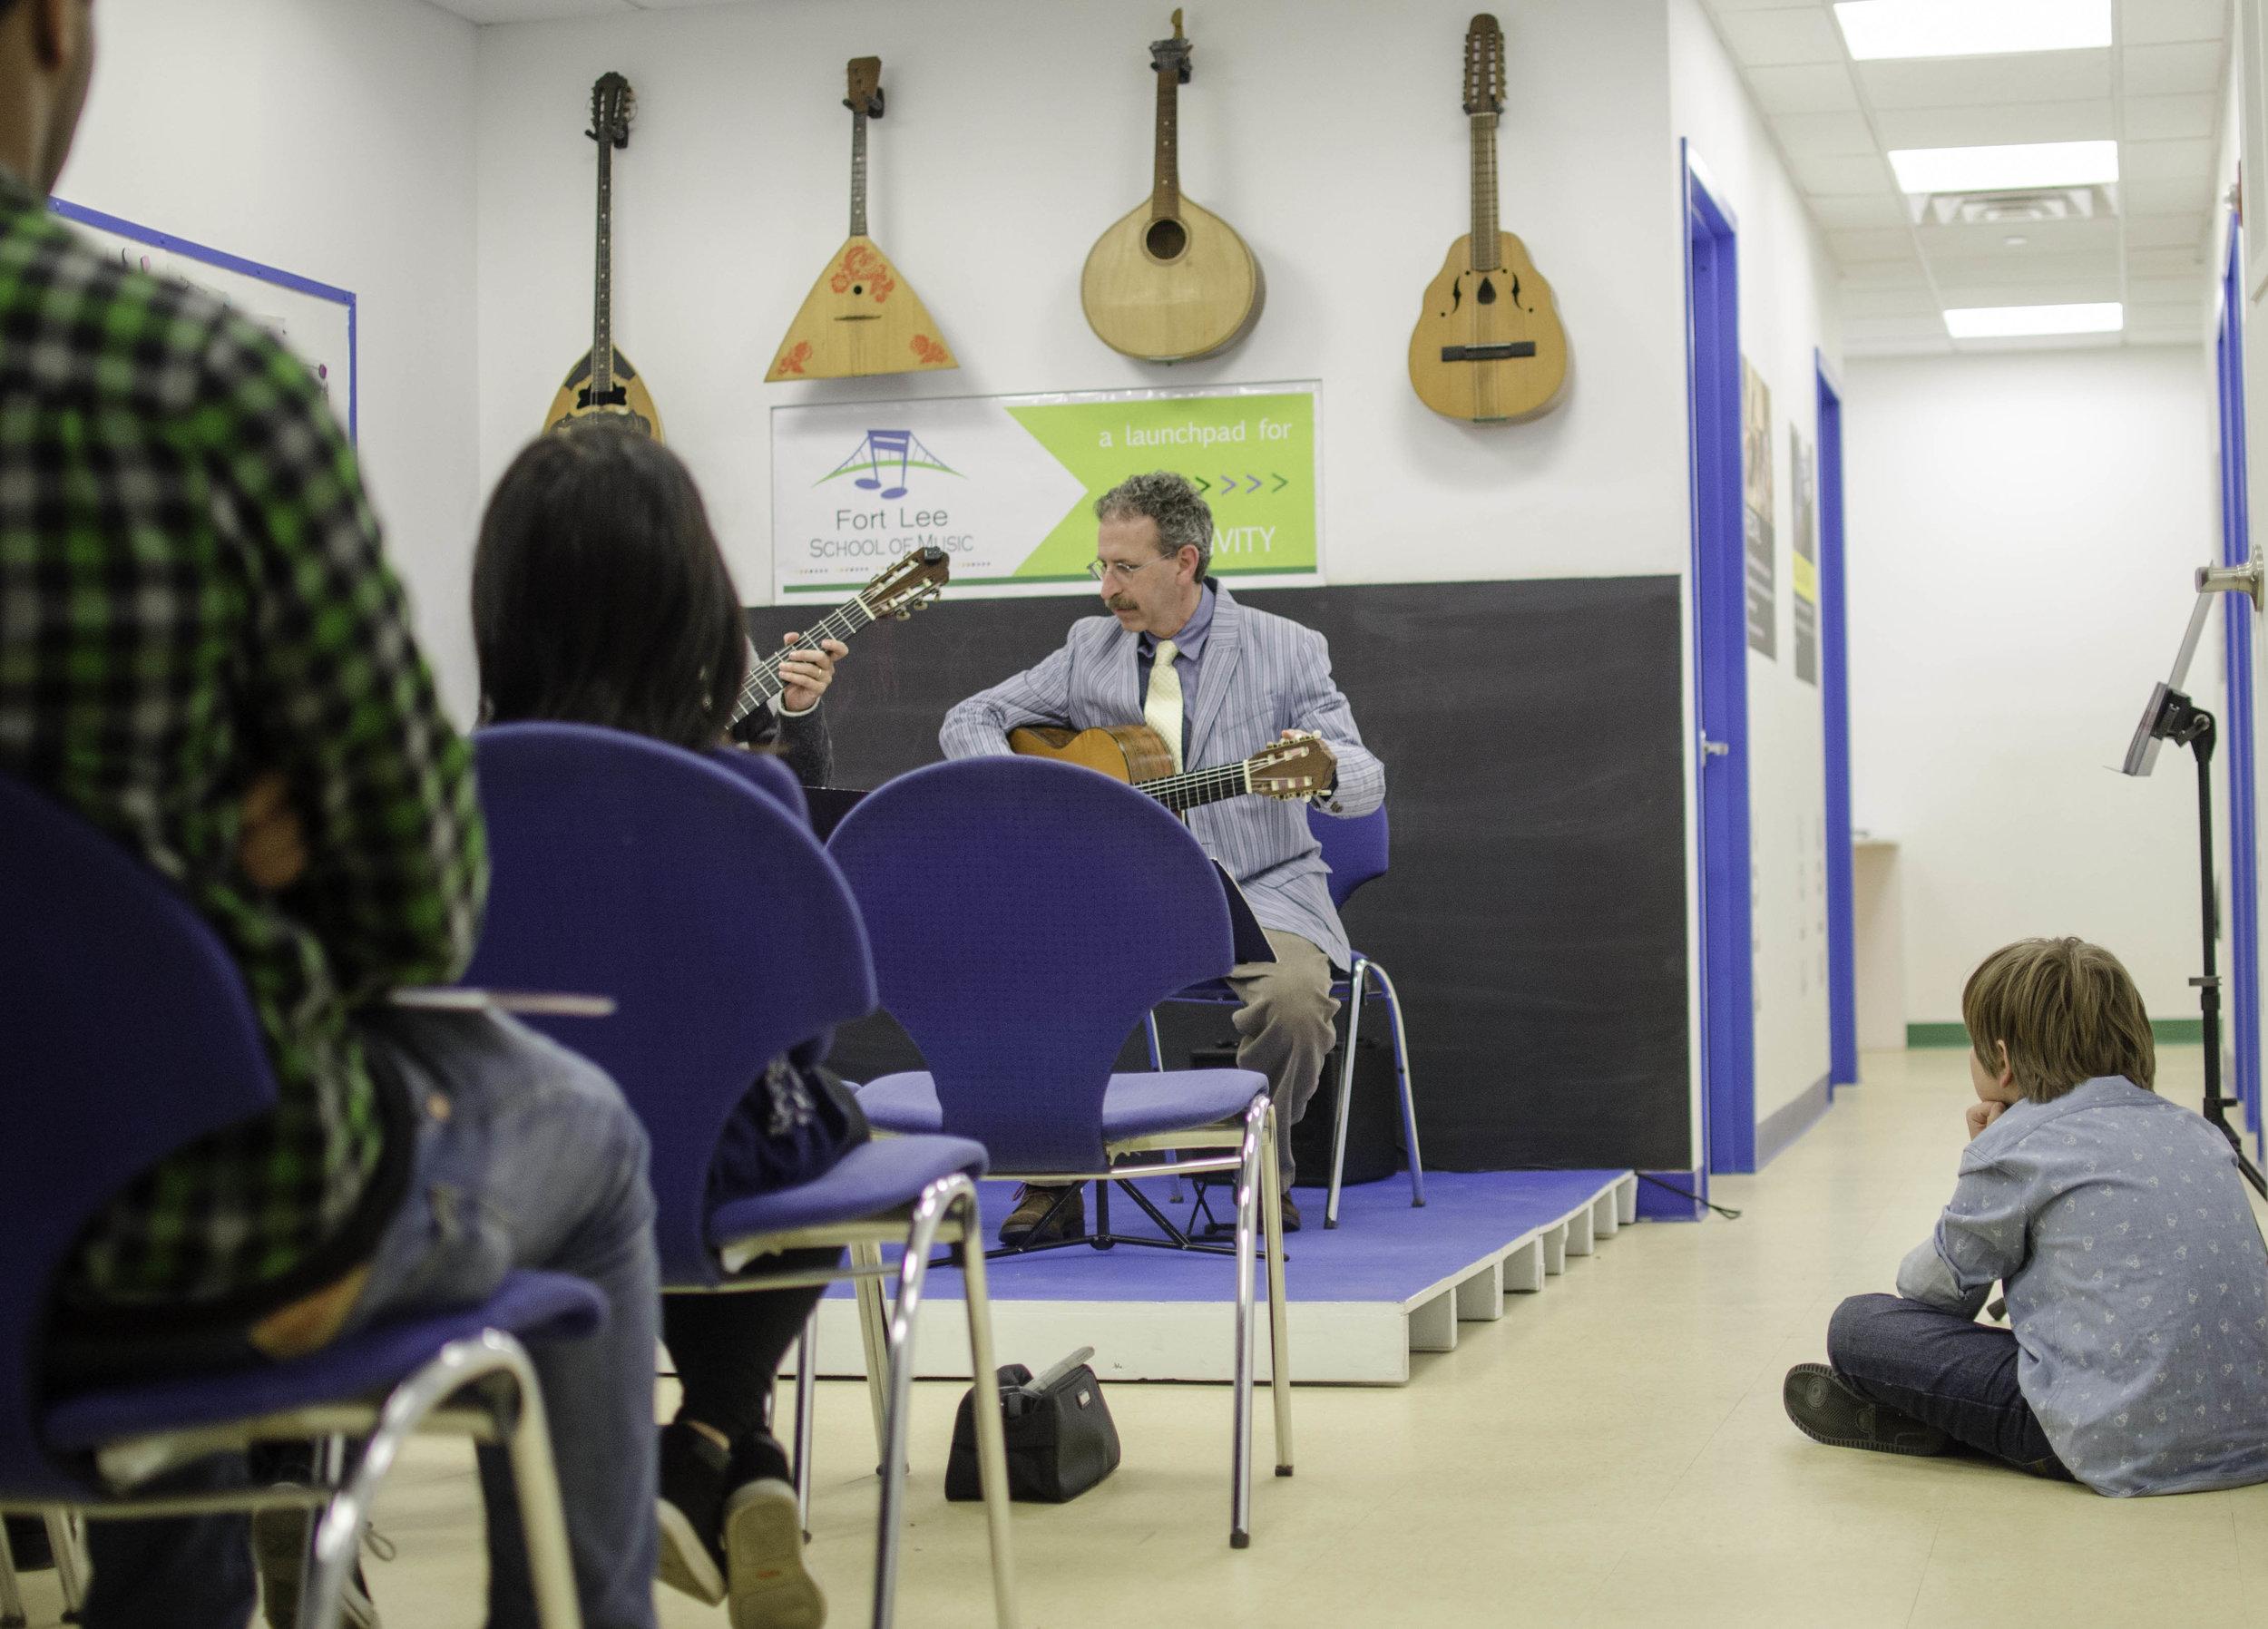 fort_lee_music_kids_class_concert.jpg